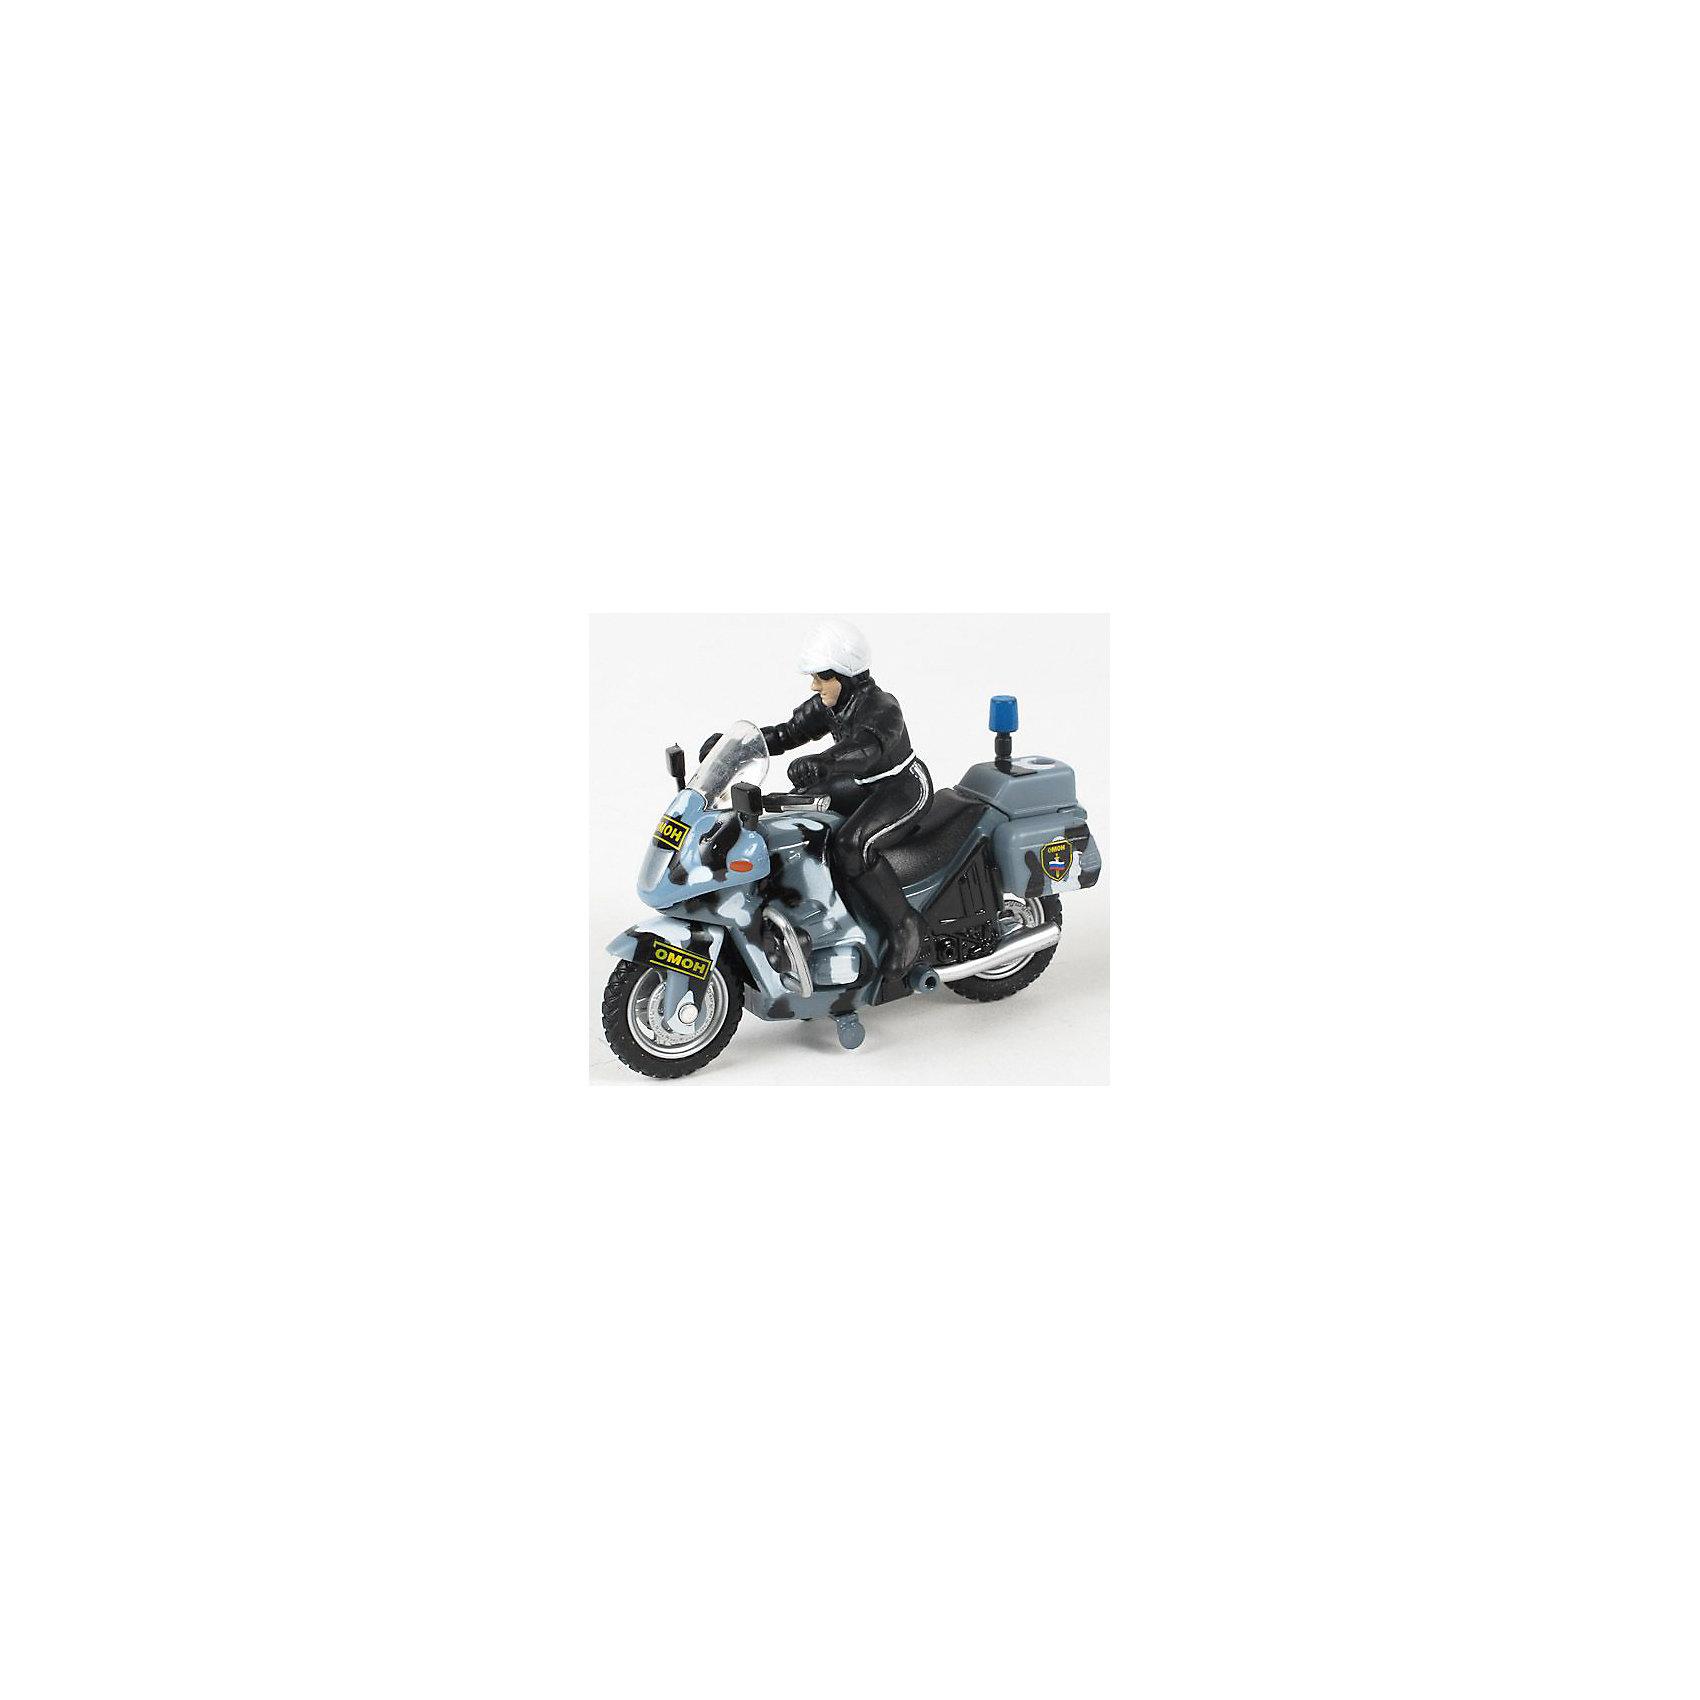 Мотоцикл Омон, с фигуркой, ТЕХНОПАРКМотоцикл с фигуркой  станет прекрасным подарком на любой праздник. Модель обладает высокой реалистичностью за счет детальной проработки. Мотоцикл снабжен инерционным механизмом. Игрушка выполнена из высококачественных гипоаллергенны материалов безопасных для детей. <br><br>Дополнительная информация:<br><br>- Материал: пластик, металл.<br>- Размер игрушки: 5x17x15 см.<br>- Инерционный механизм.<br><br>Мотоцикл ОМОН, с фигуркой, ТЕХНОПАРК, можно купить в нашем магазине.<br><br>Ширина мм: 50<br>Глубина мм: 170<br>Высота мм: 150<br>Вес г: 170<br>Возраст от месяцев: 36<br>Возраст до месяцев: 120<br>Пол: Мужской<br>Возраст: Детский<br>SKU: 4241512